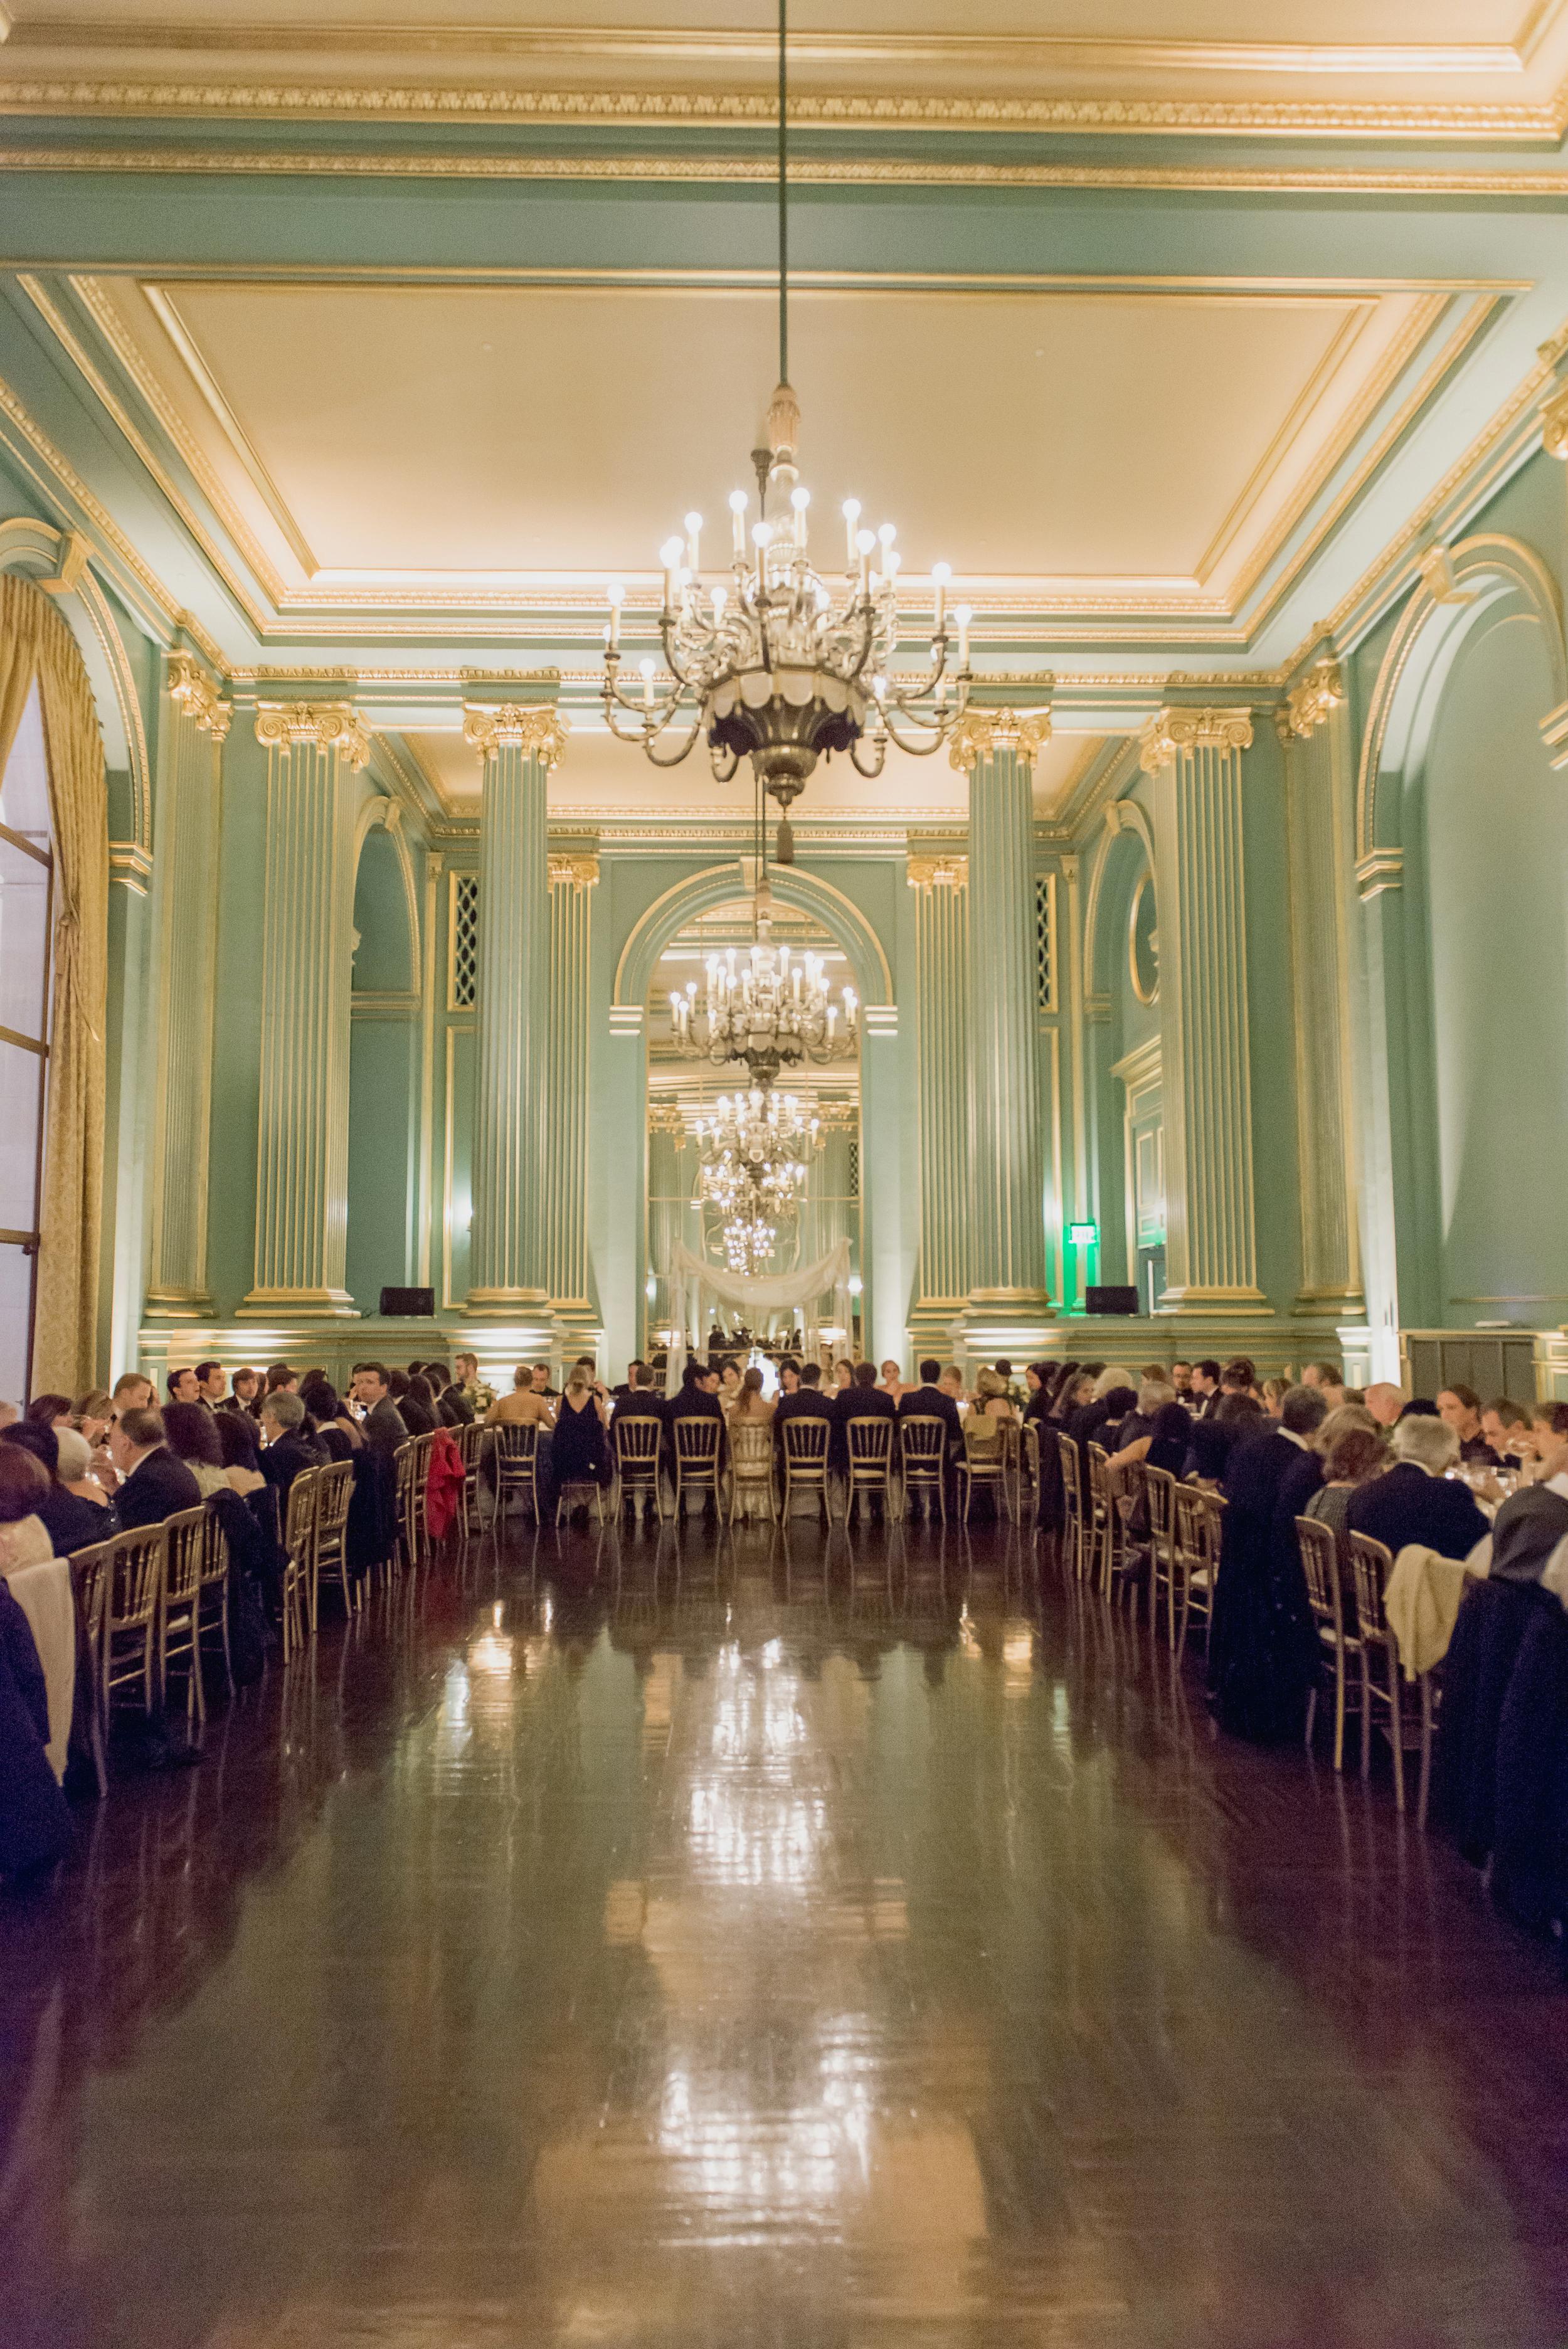 51san-francisco-green-room-wedding-photographer-vivianchen.jpg